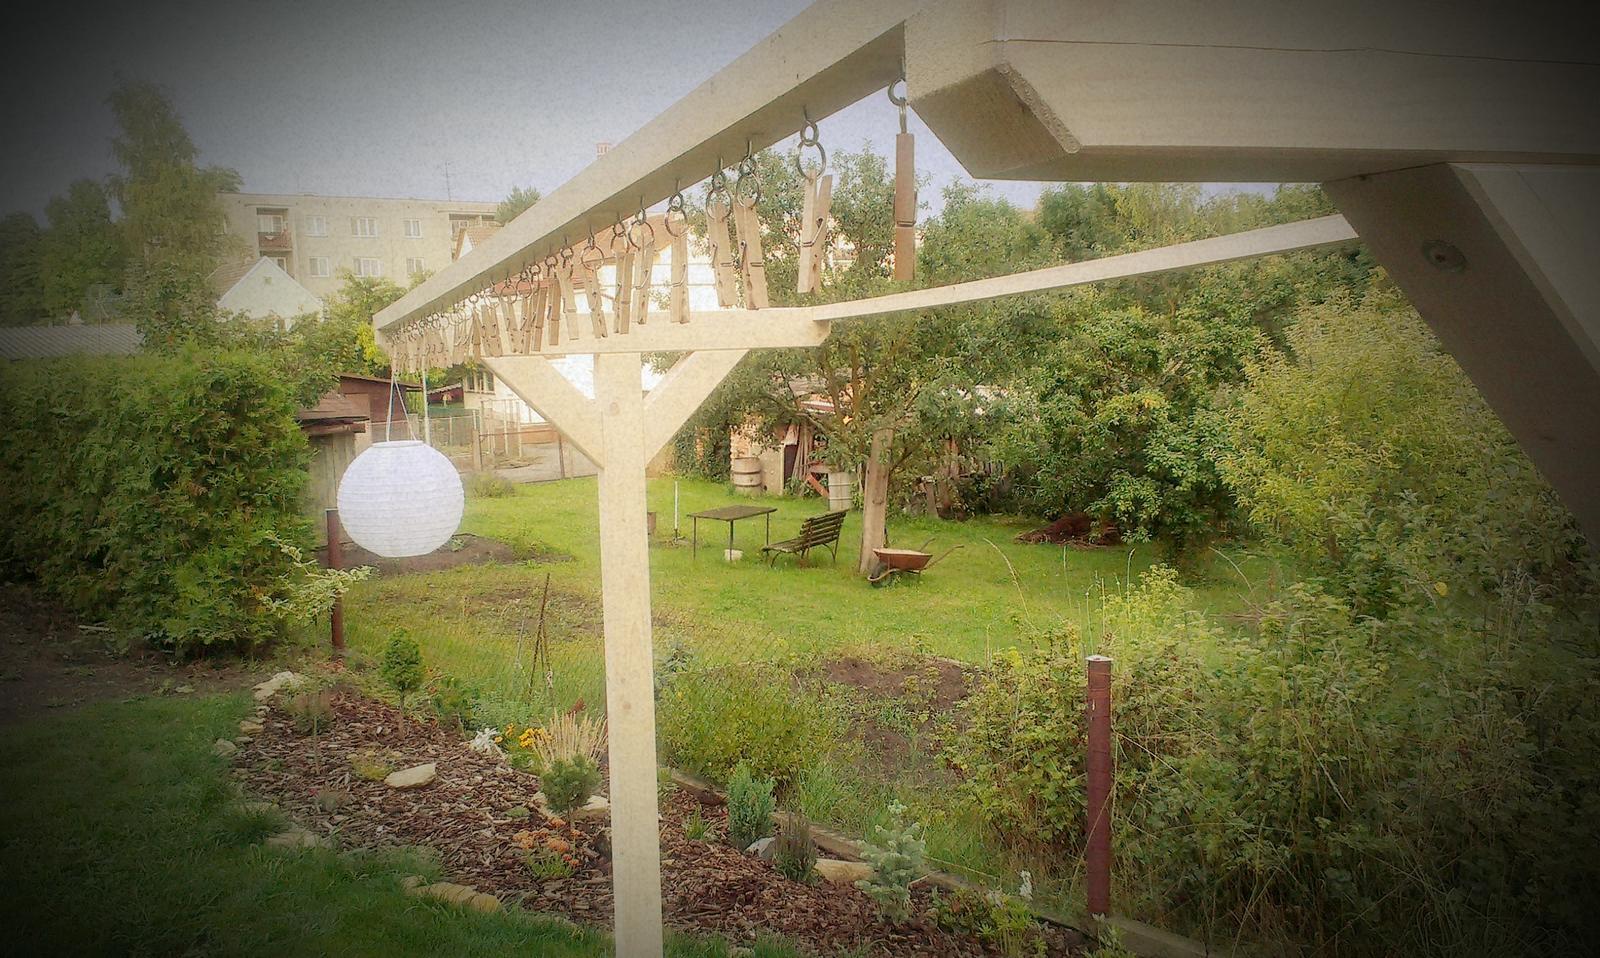 Záhrada - Obrázek č. 43